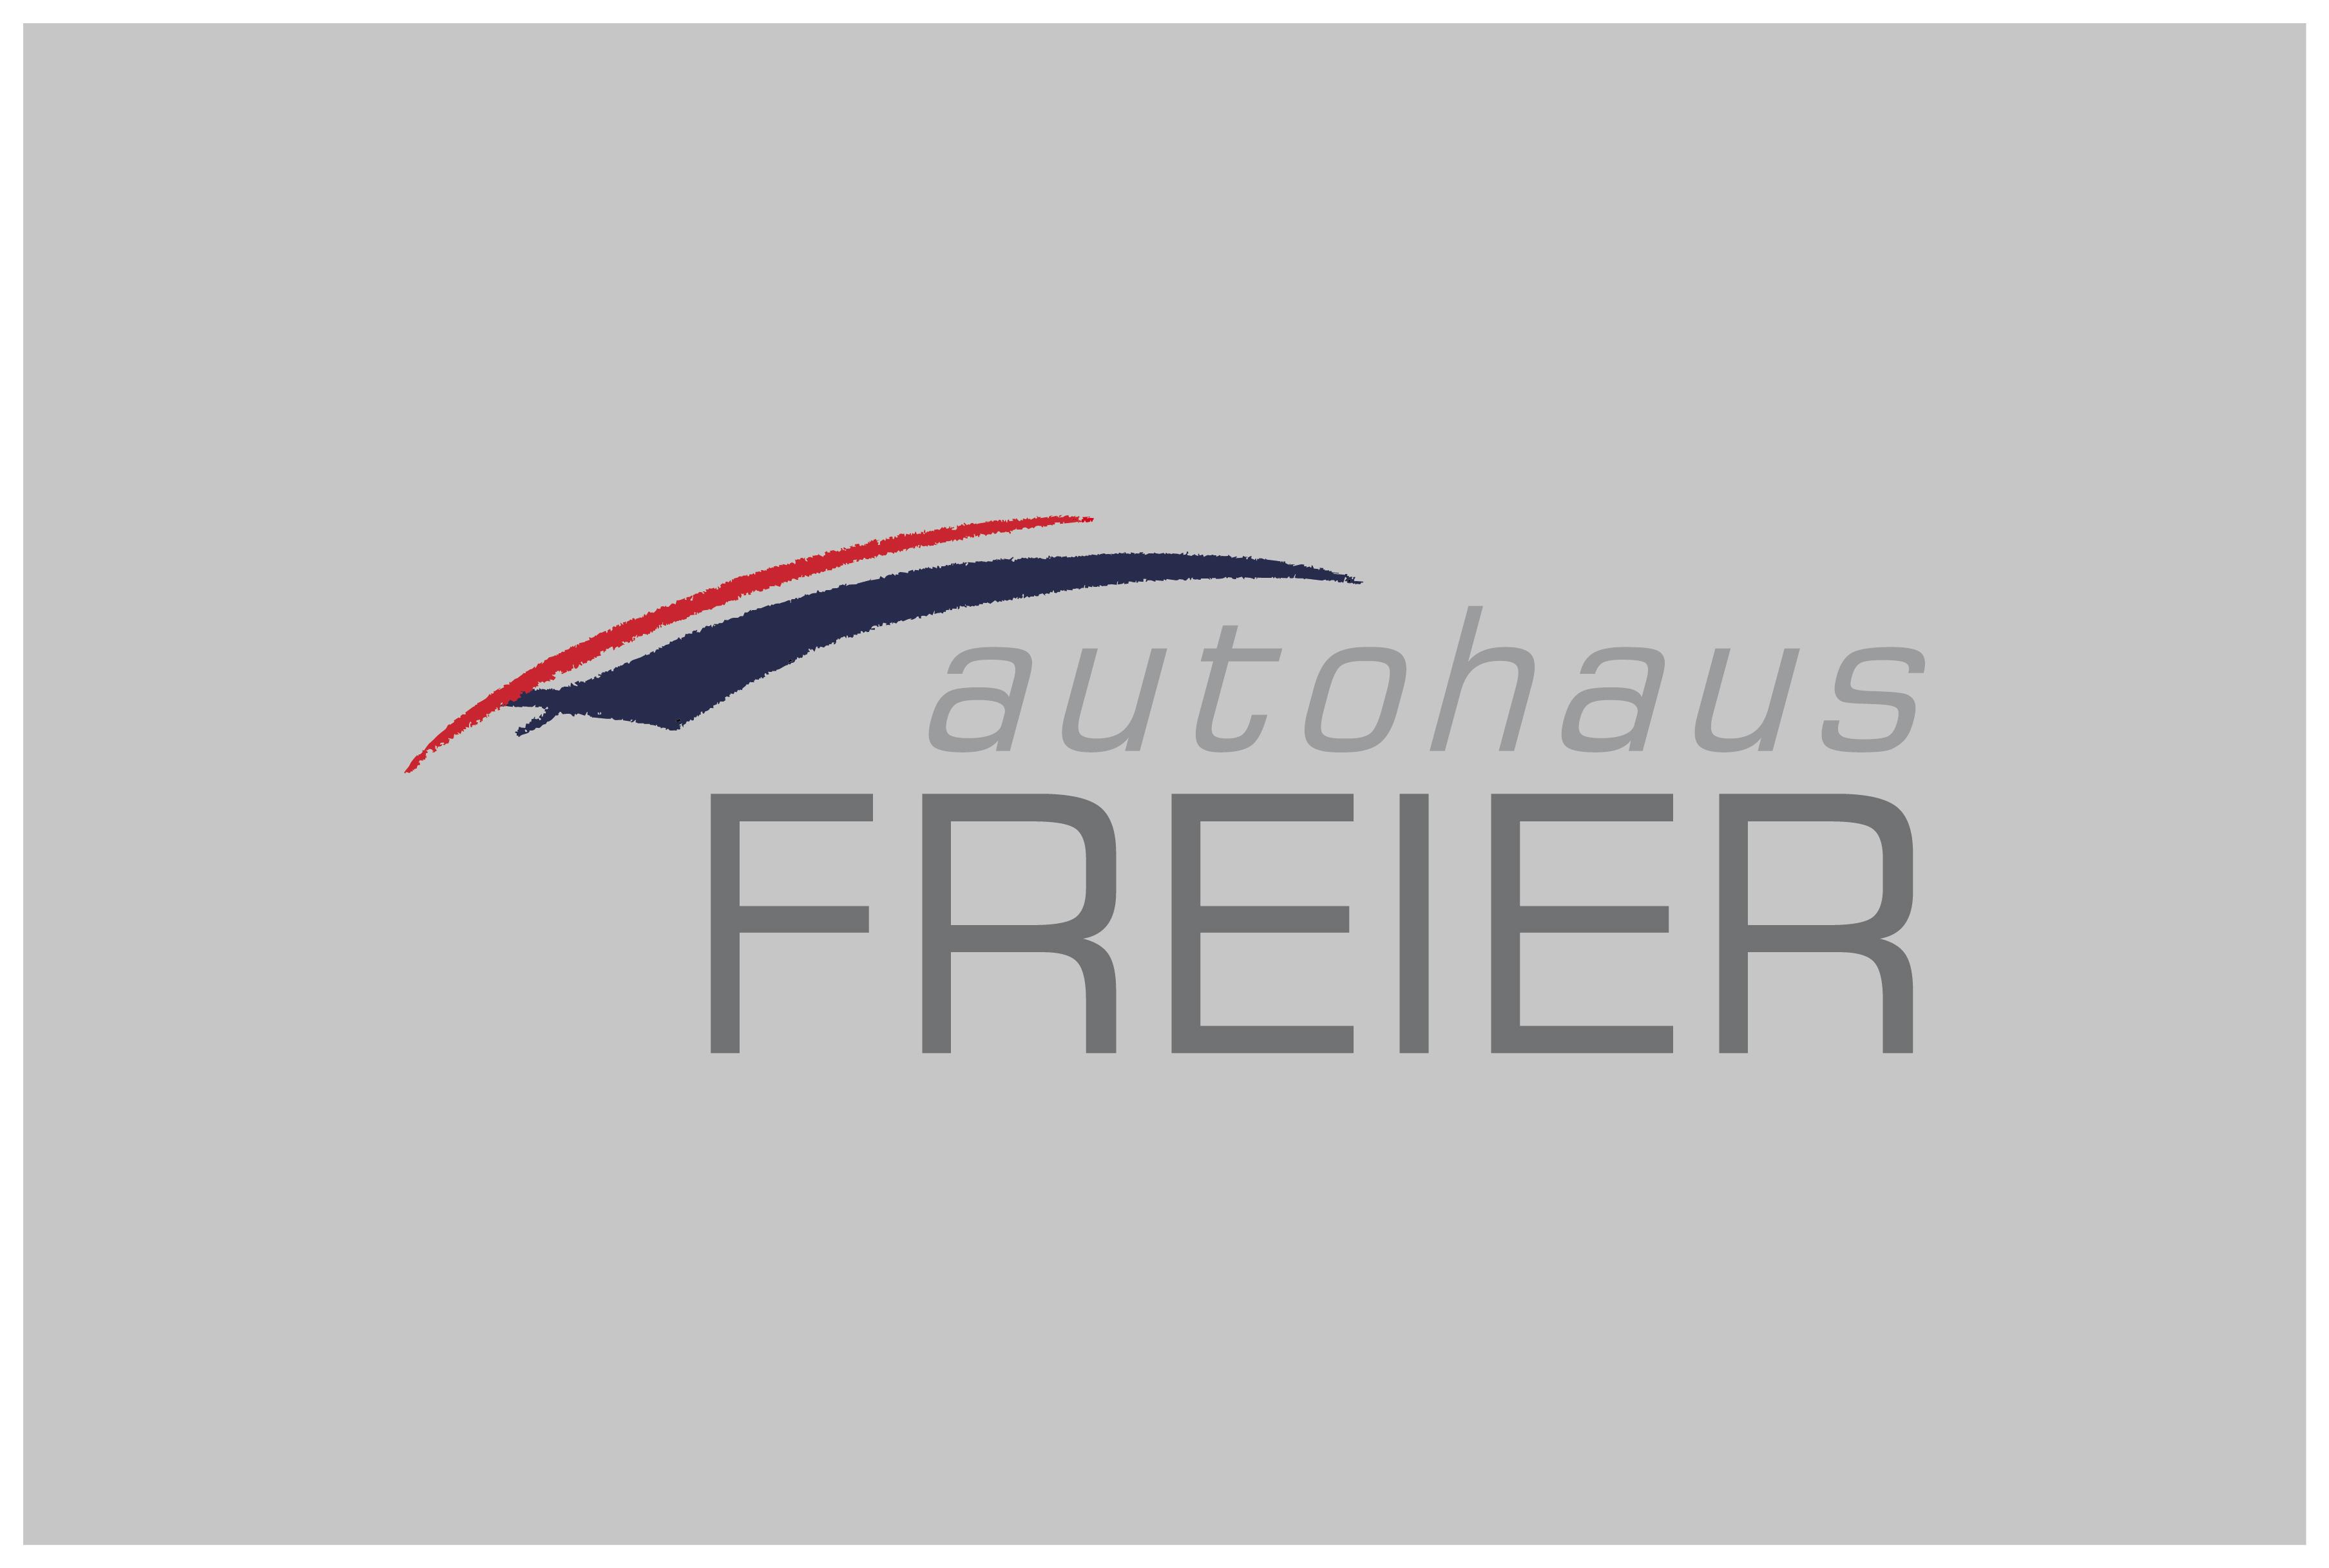 Autohaus_Freier